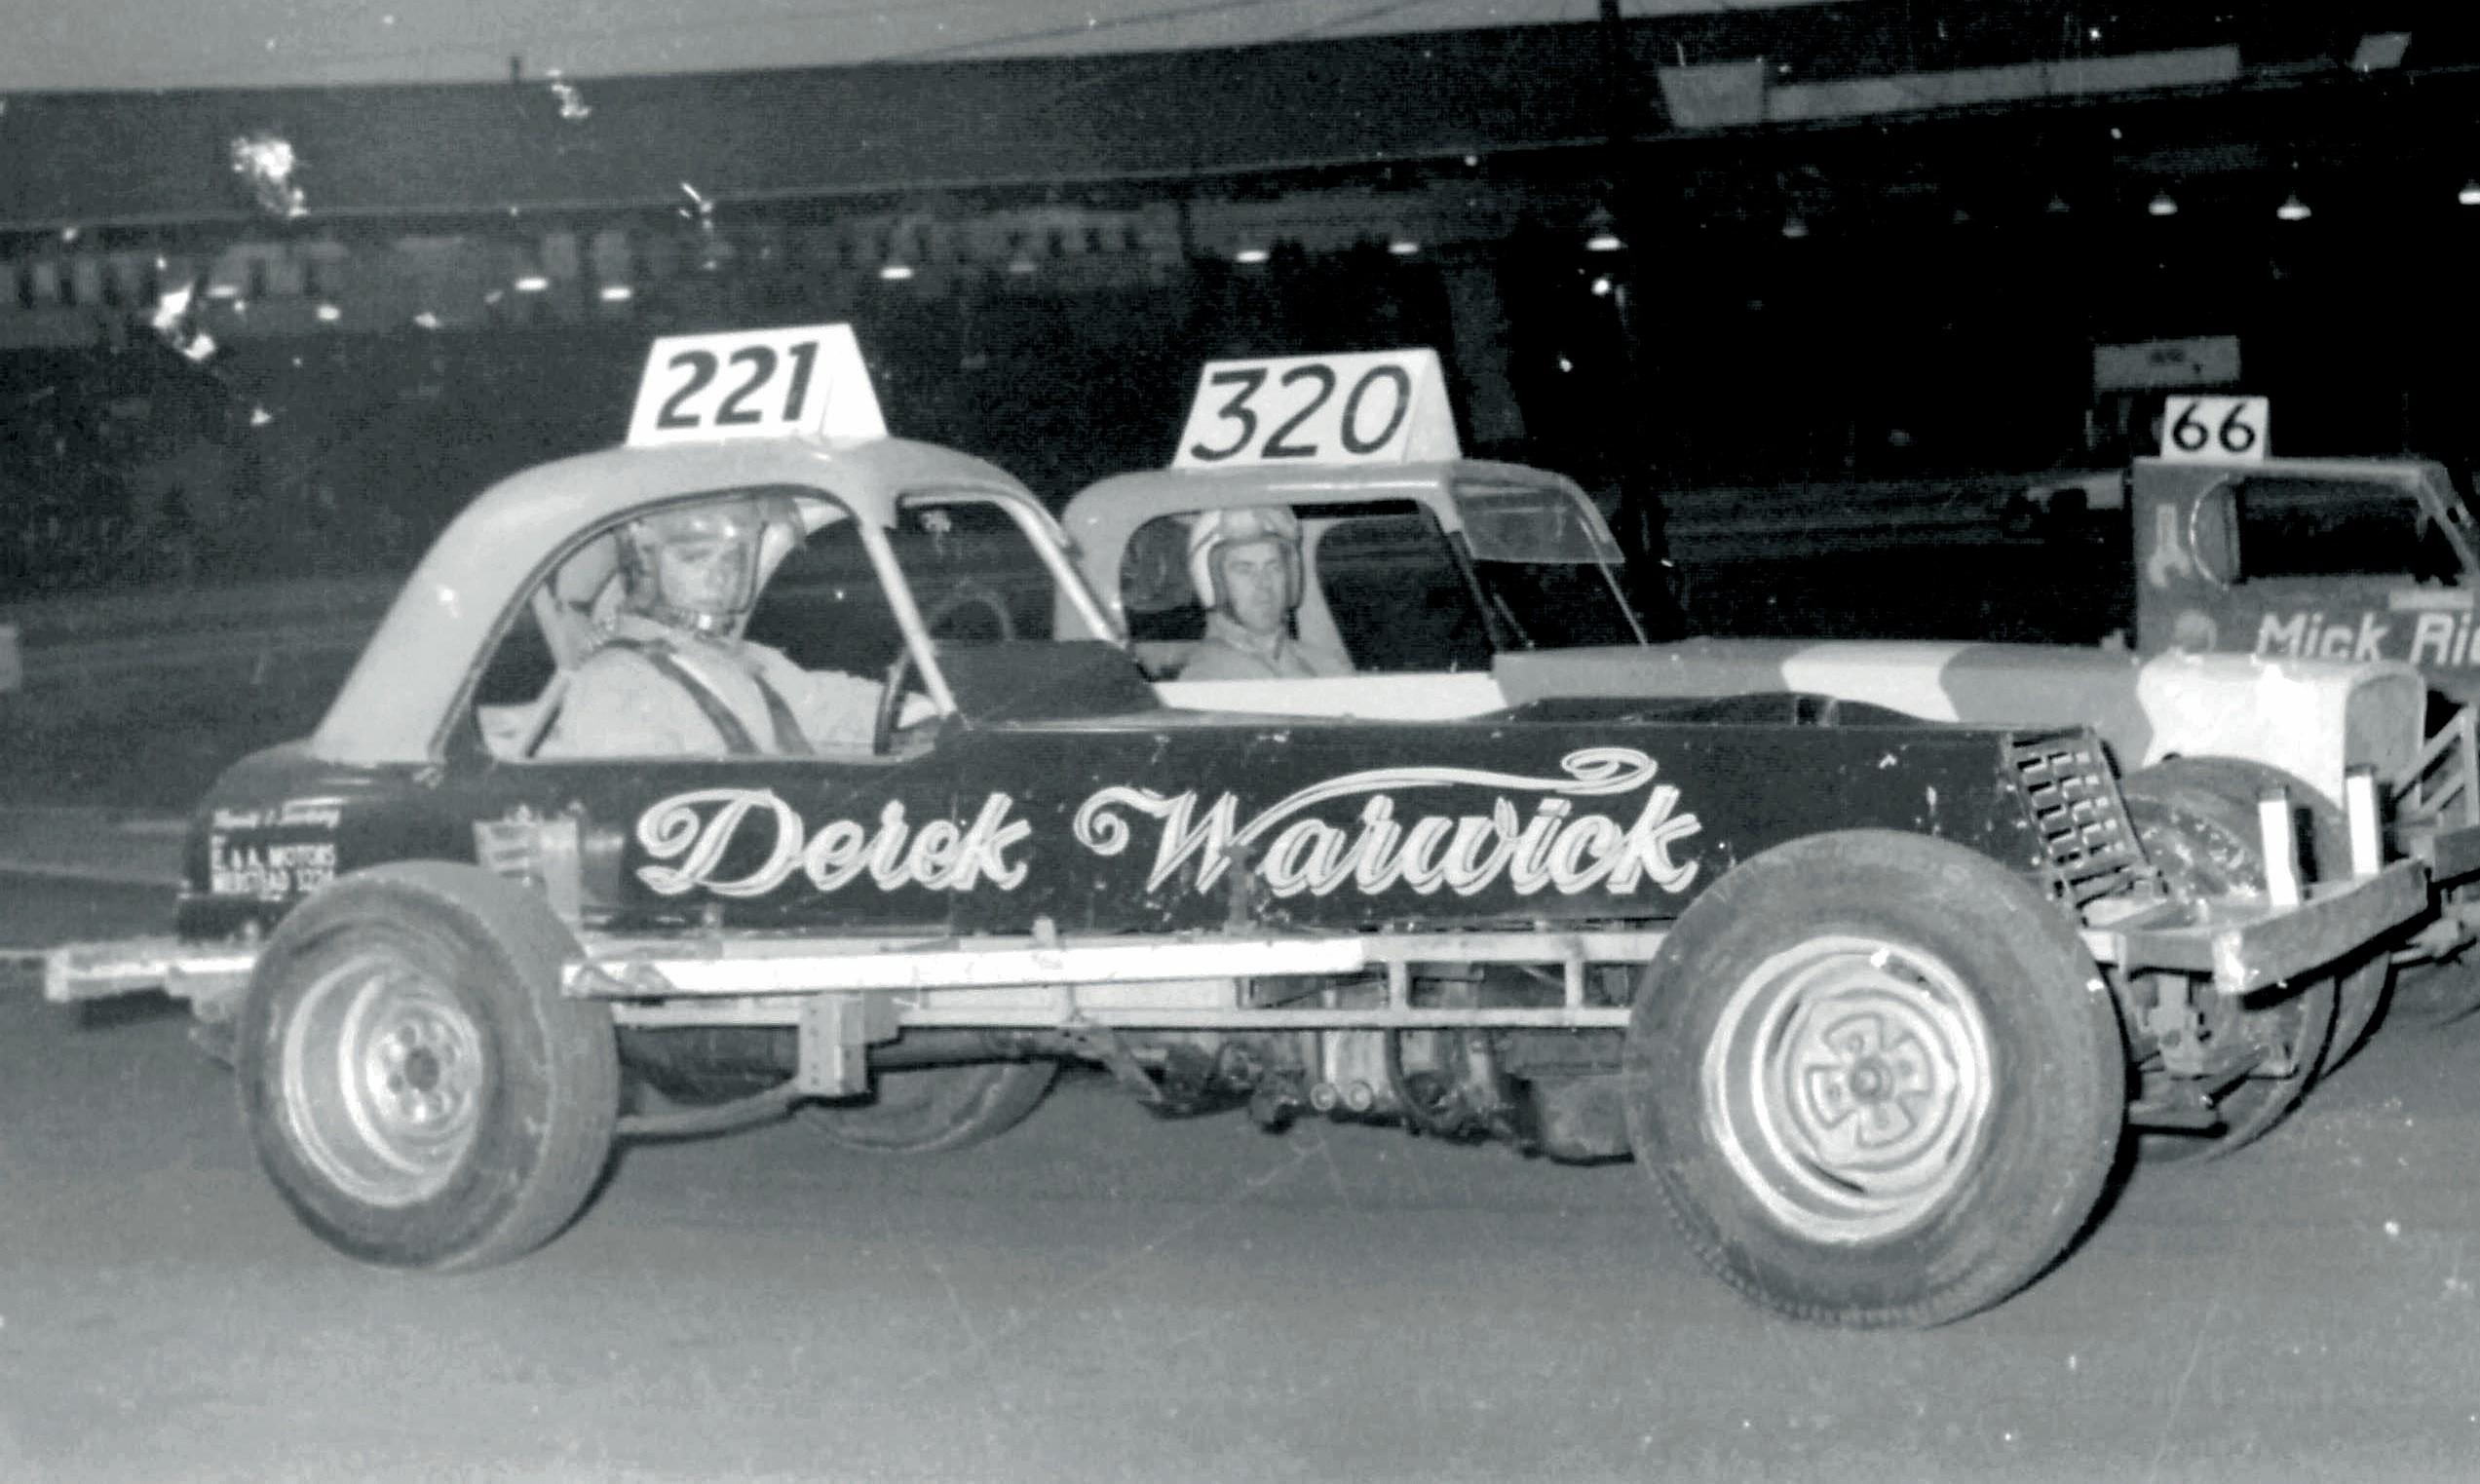 Derek Warwick and Dave Pierce in Superstox